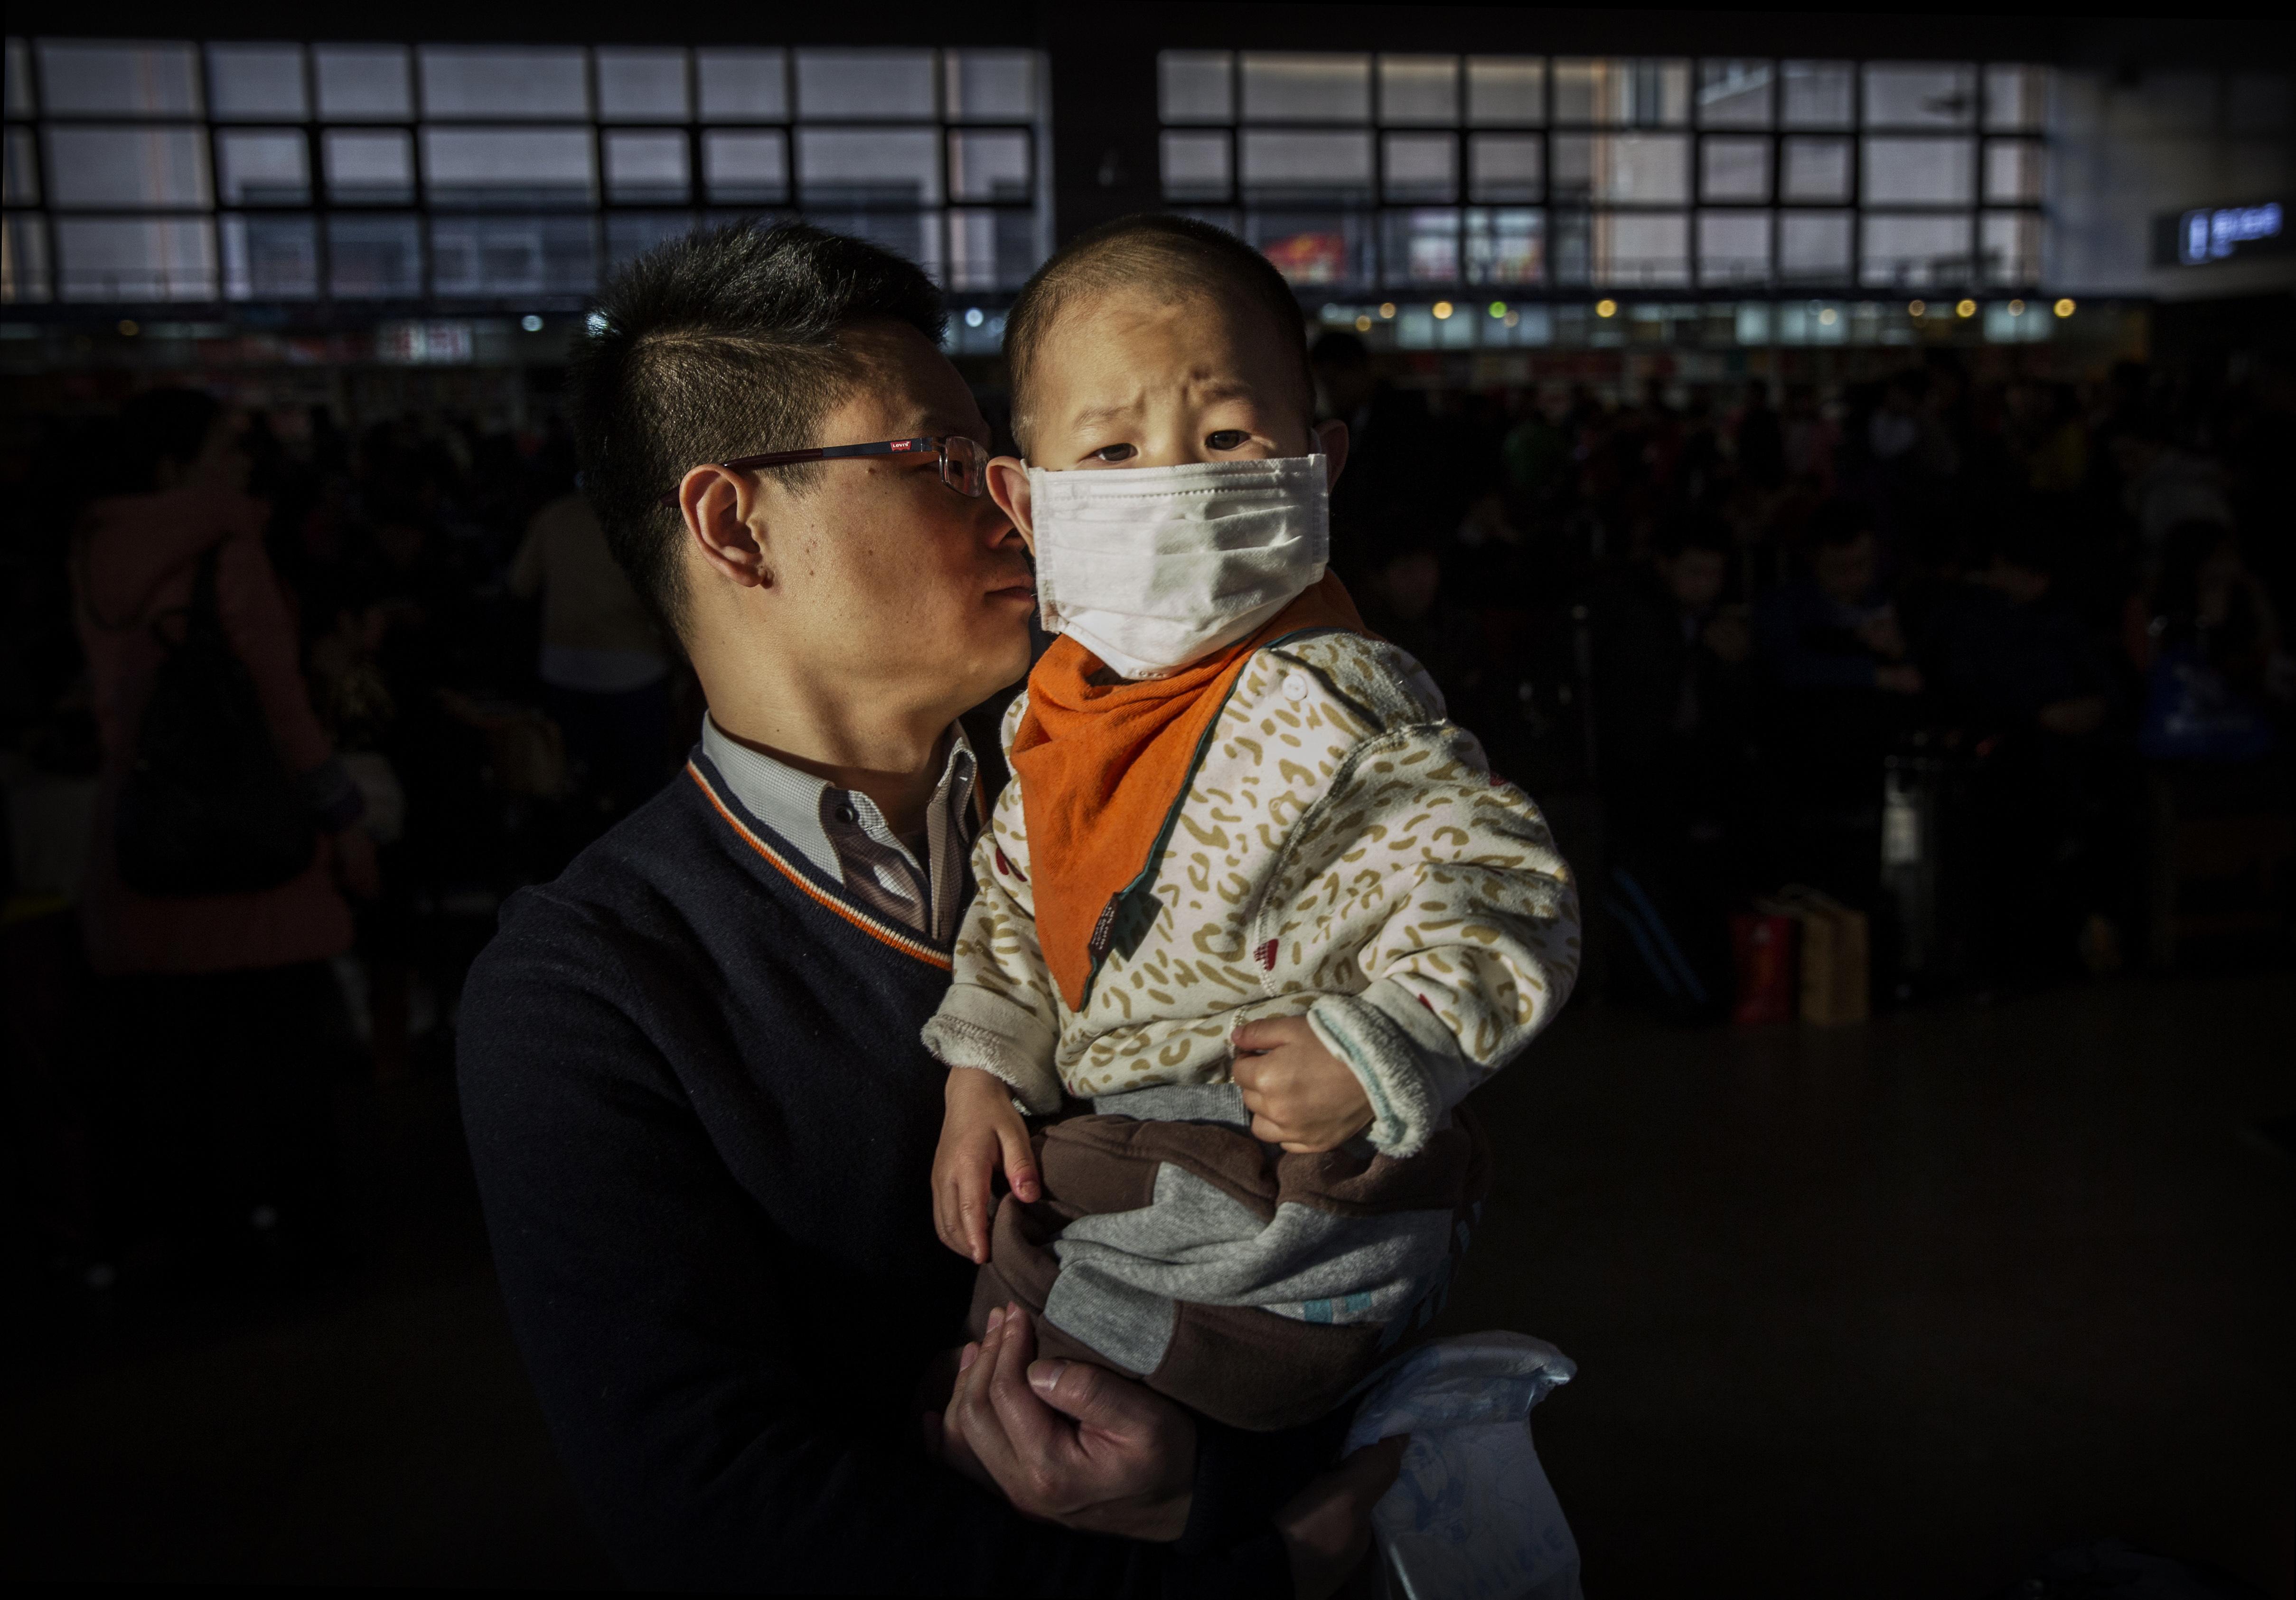 En un estudio publicado recientemente se reveló que la contaminación ambiental en el país asiático afecta el peso de los recién nacidos. (Crédito: Kevin Frayer/Getty Images)